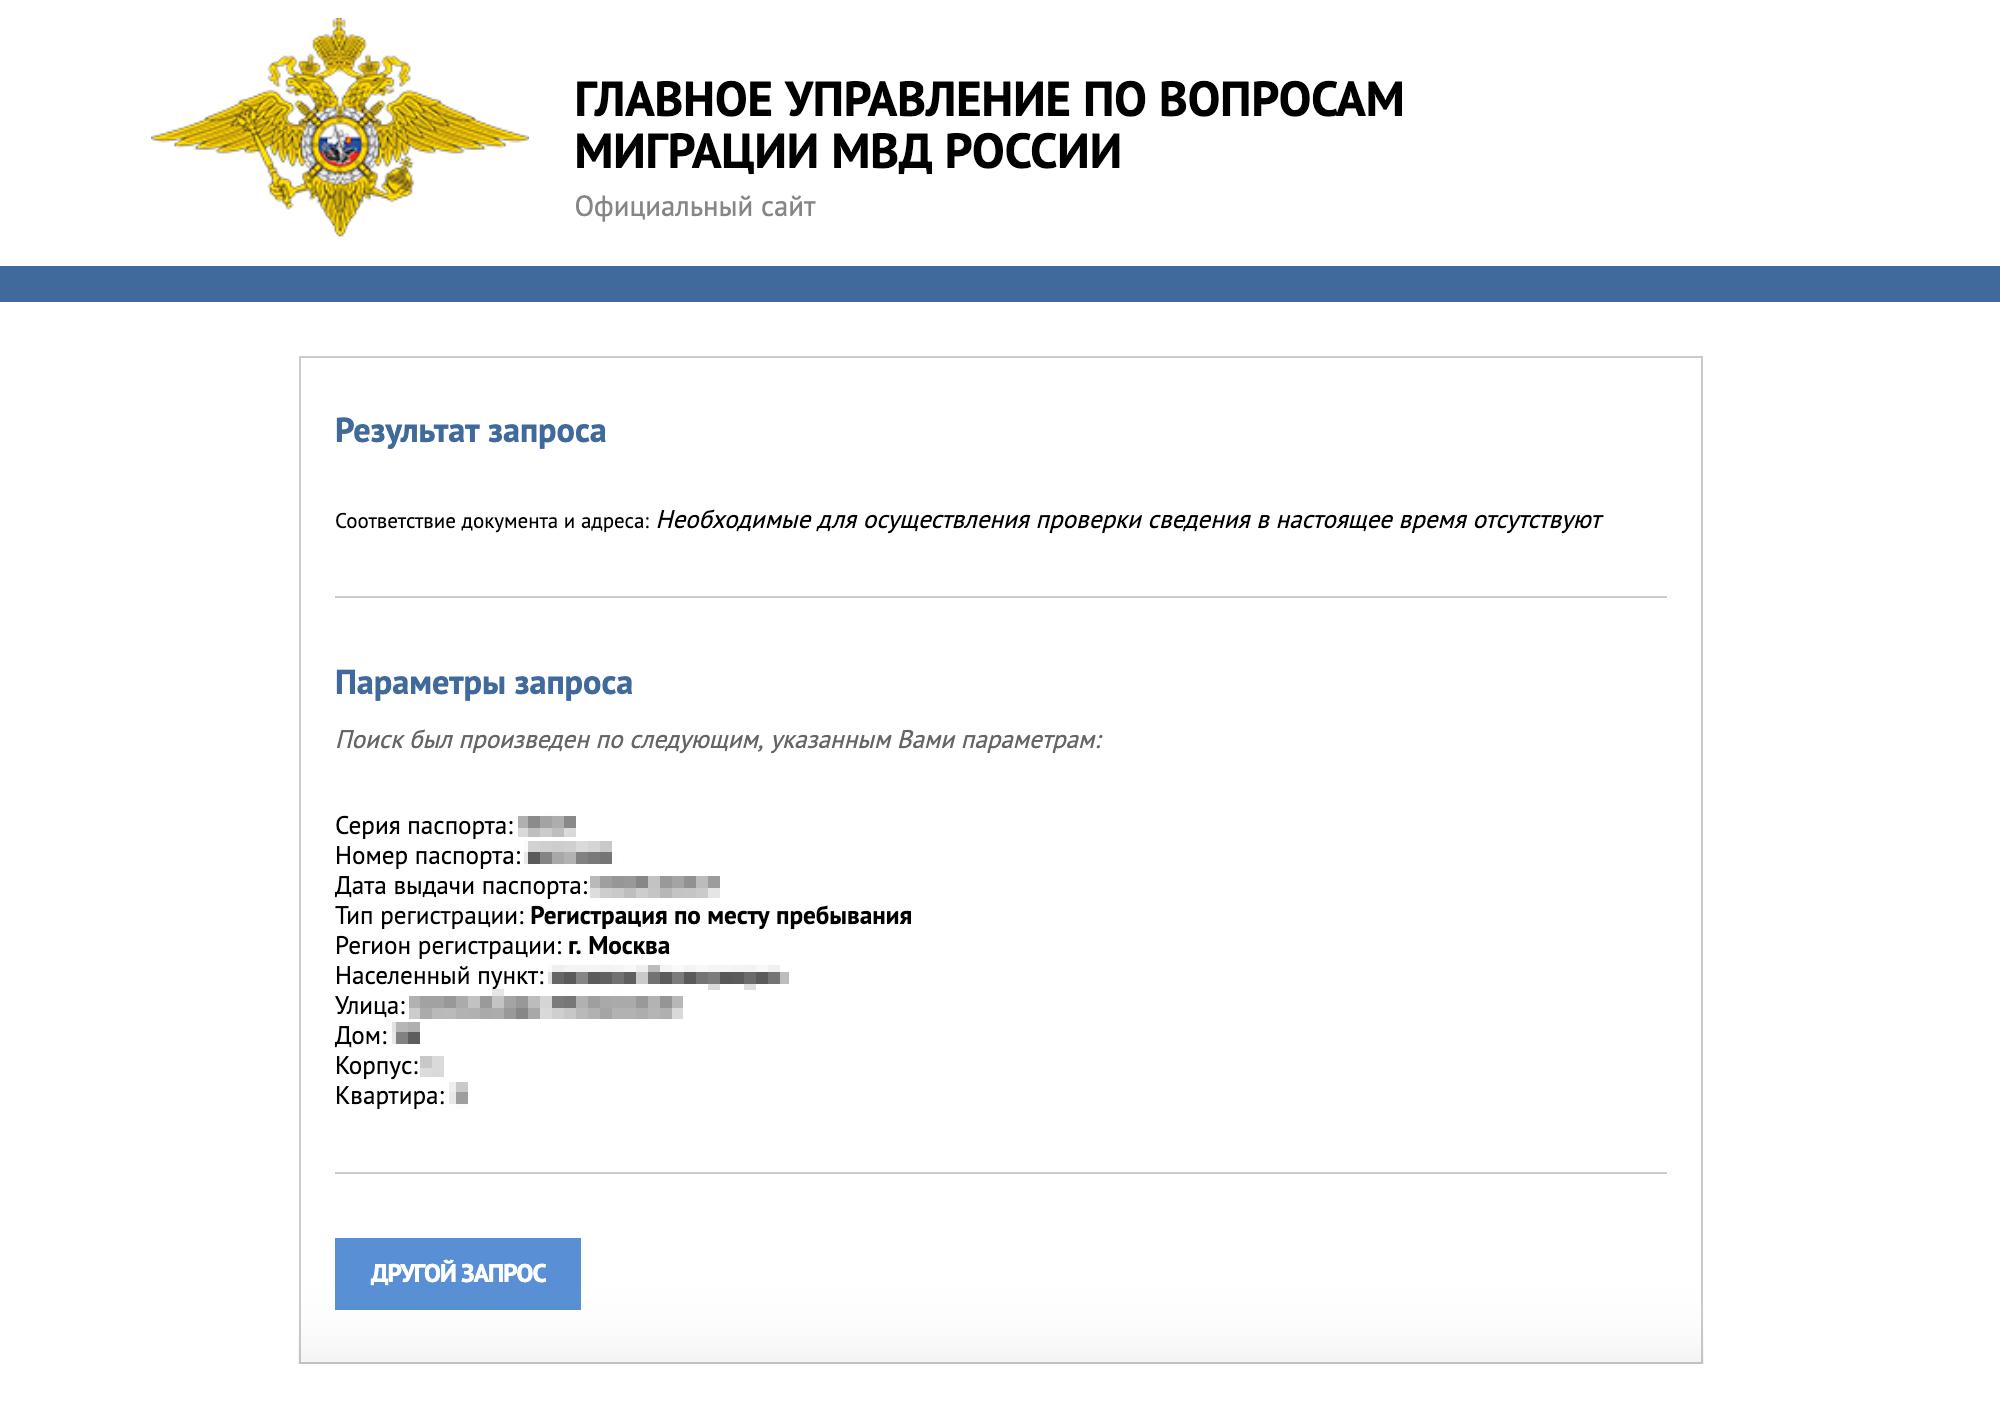 Проверить подлинность свидетельства о временной регистрации можно на сайте МВД, но почему-то сервис находит не все документы